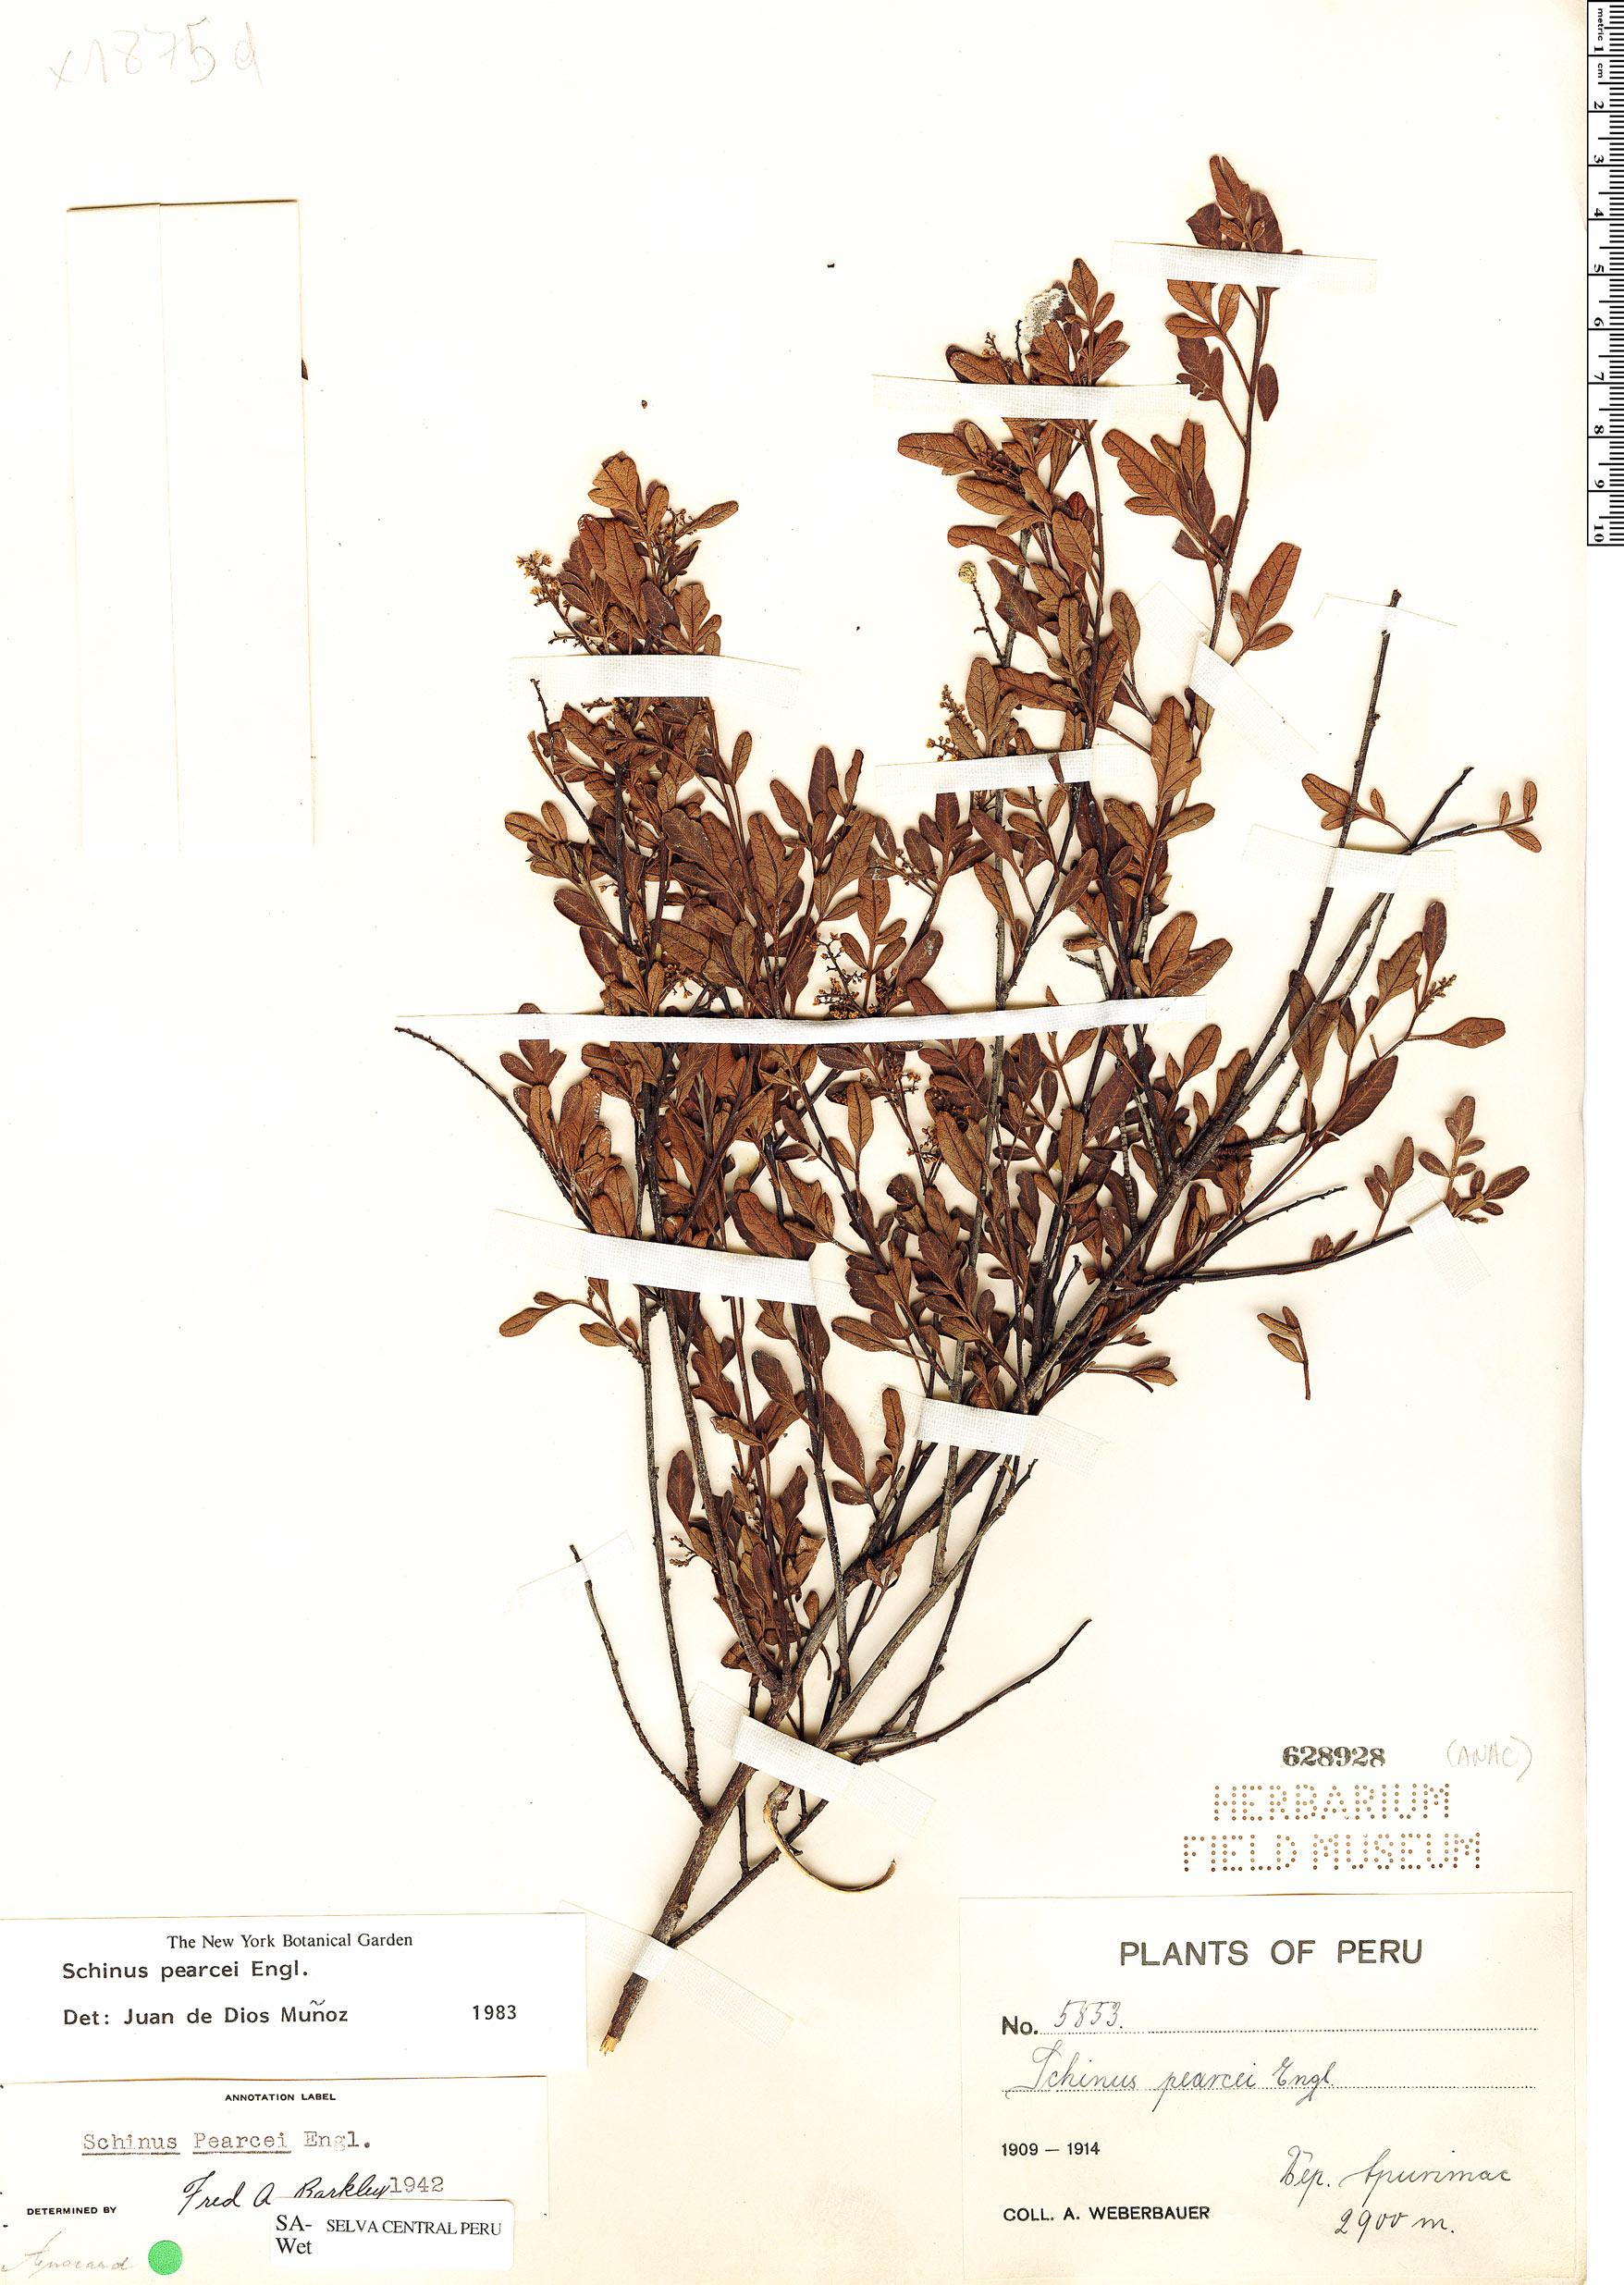 Specimen: Schinus pearcei